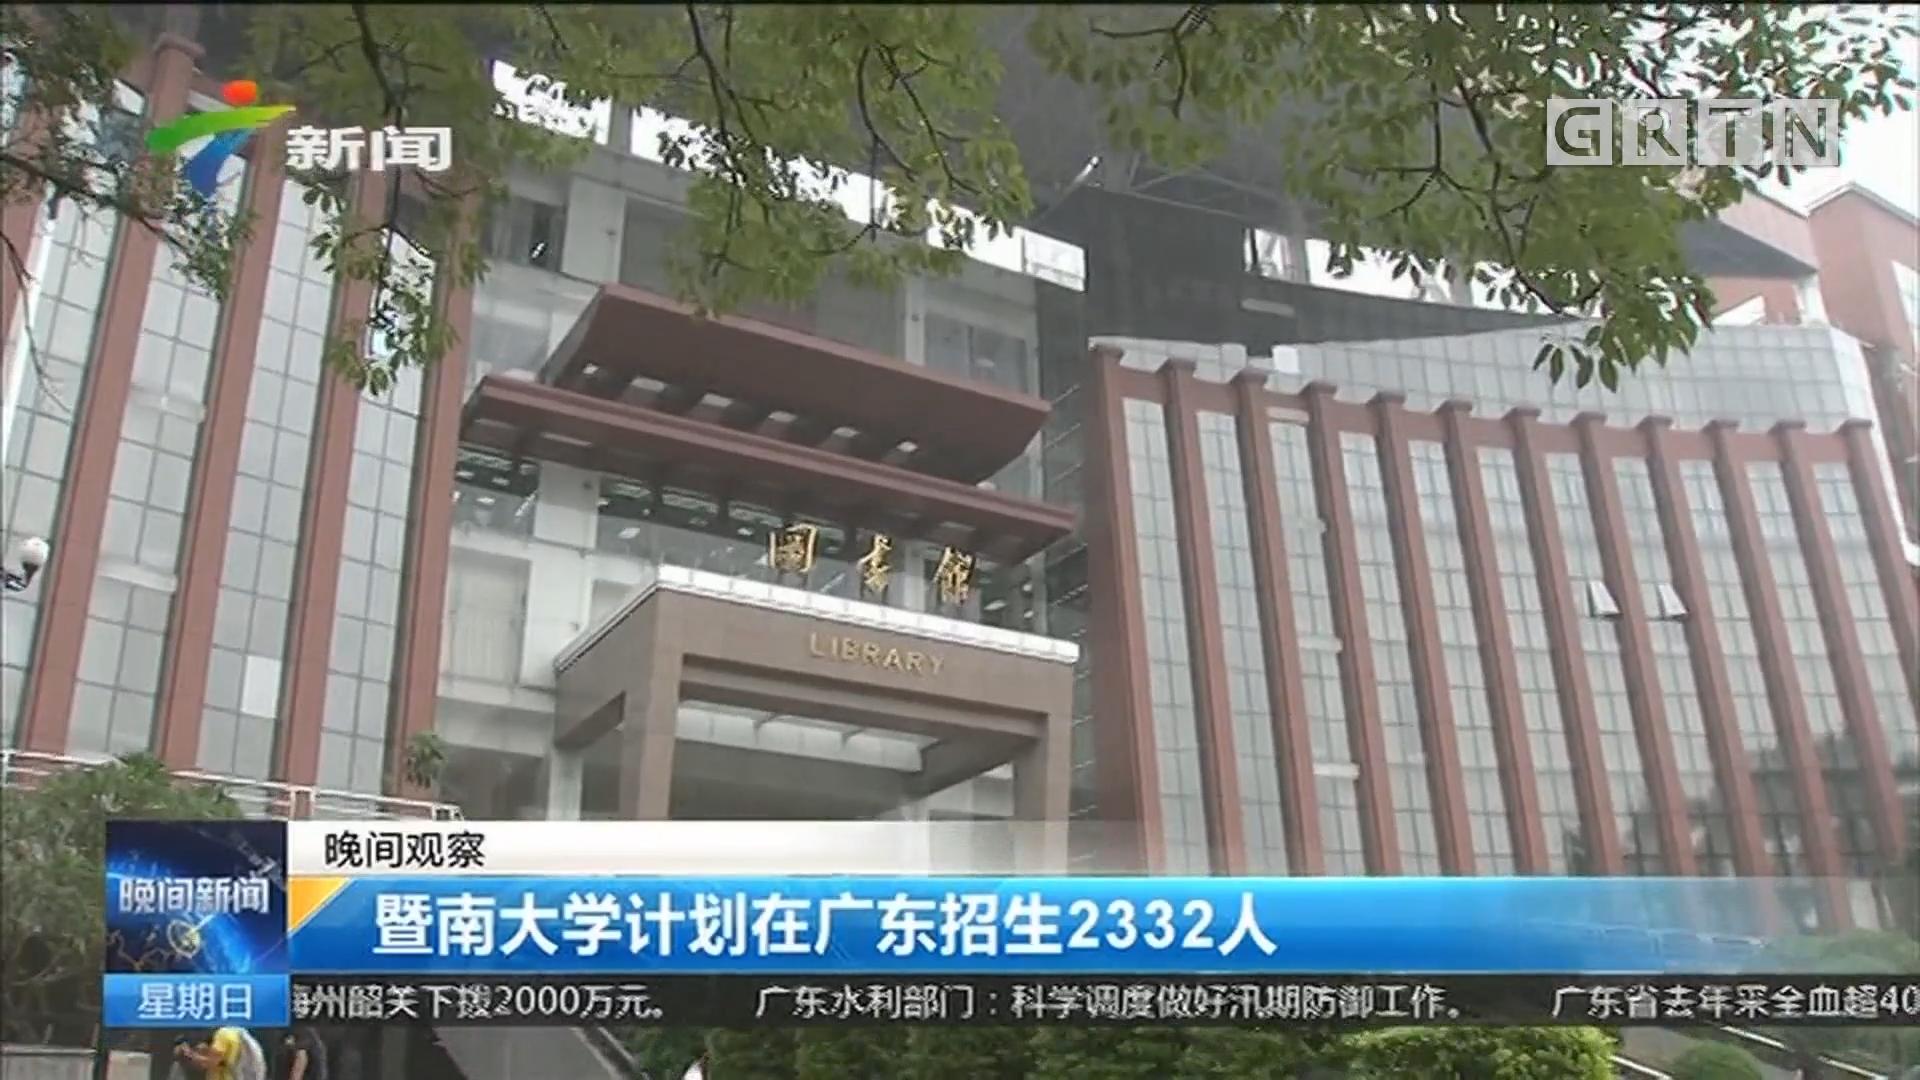 暨南大学计划在广东招生2332人